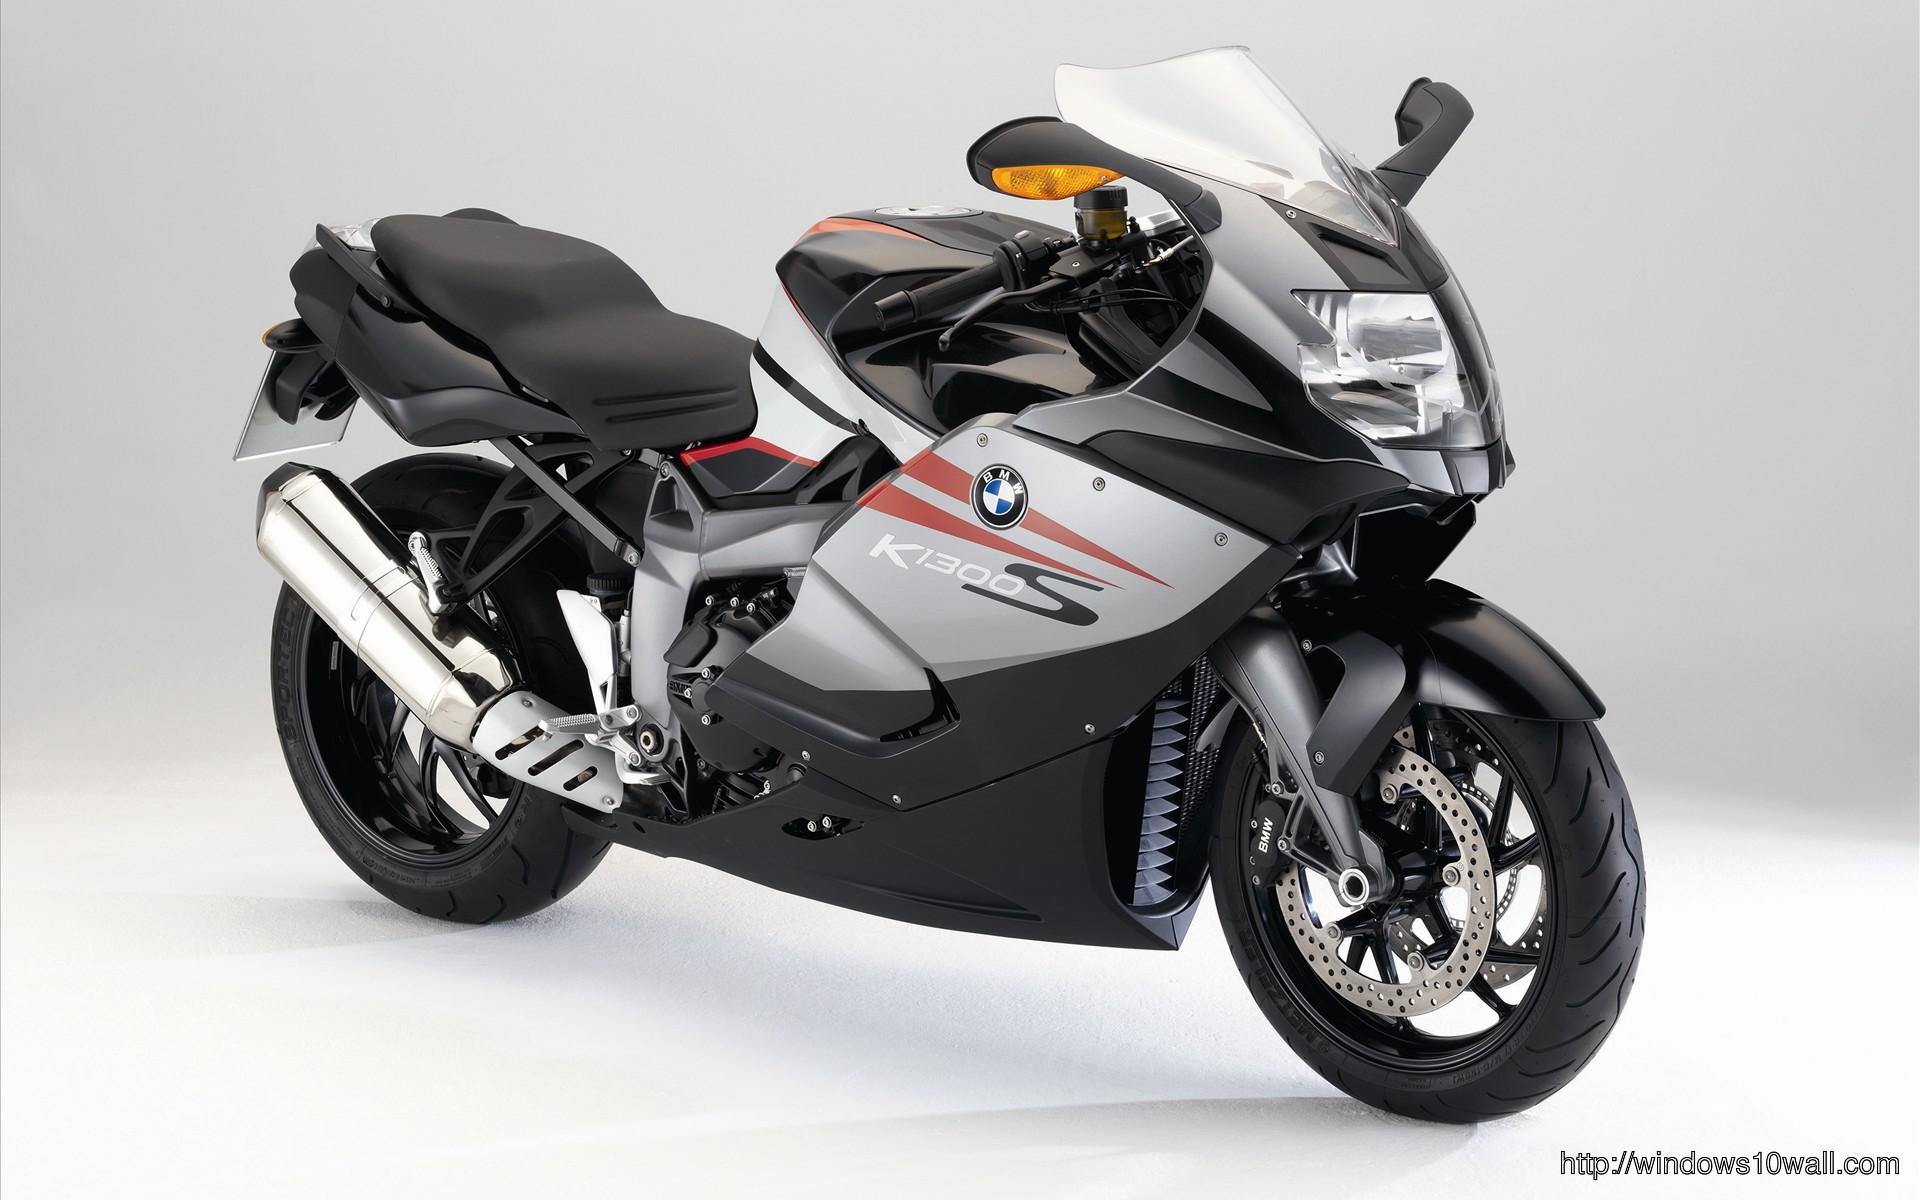 Bmw-K-1200-S-White-Bike-Wallpaper